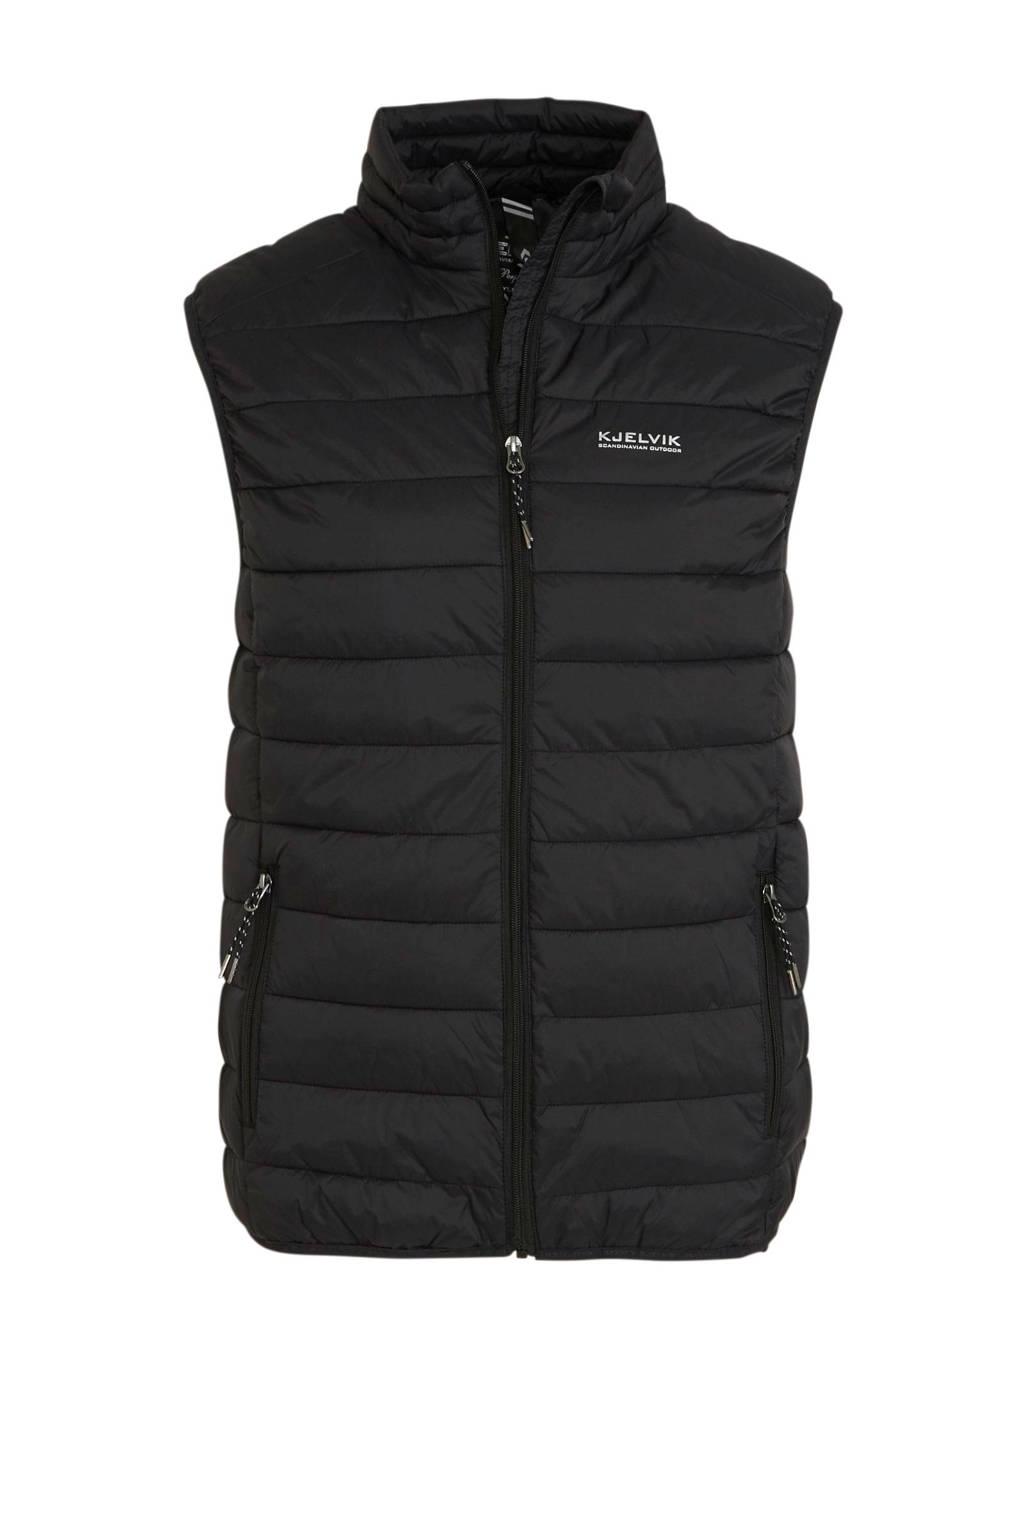 Kjelvik outdoor bodywarmer zwart, Zwart